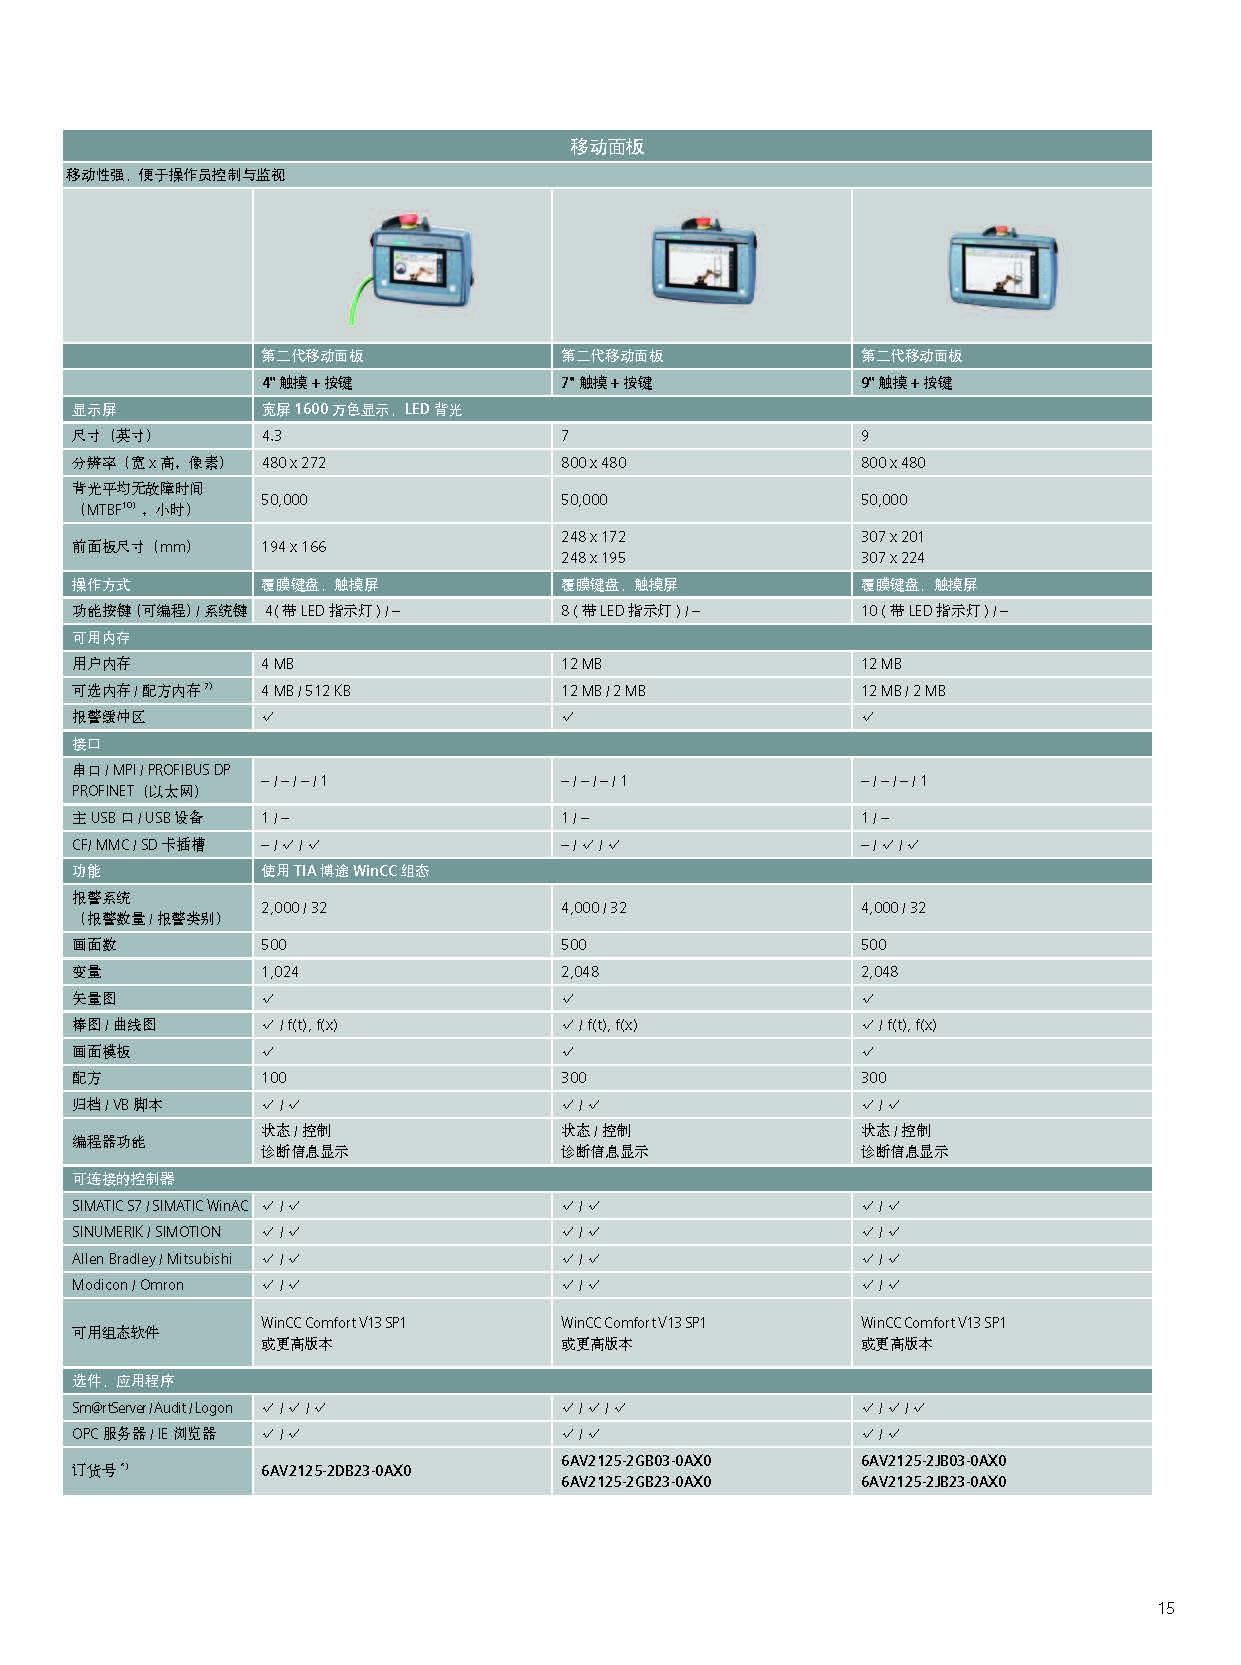 6AV6648-OBC11-3AXO